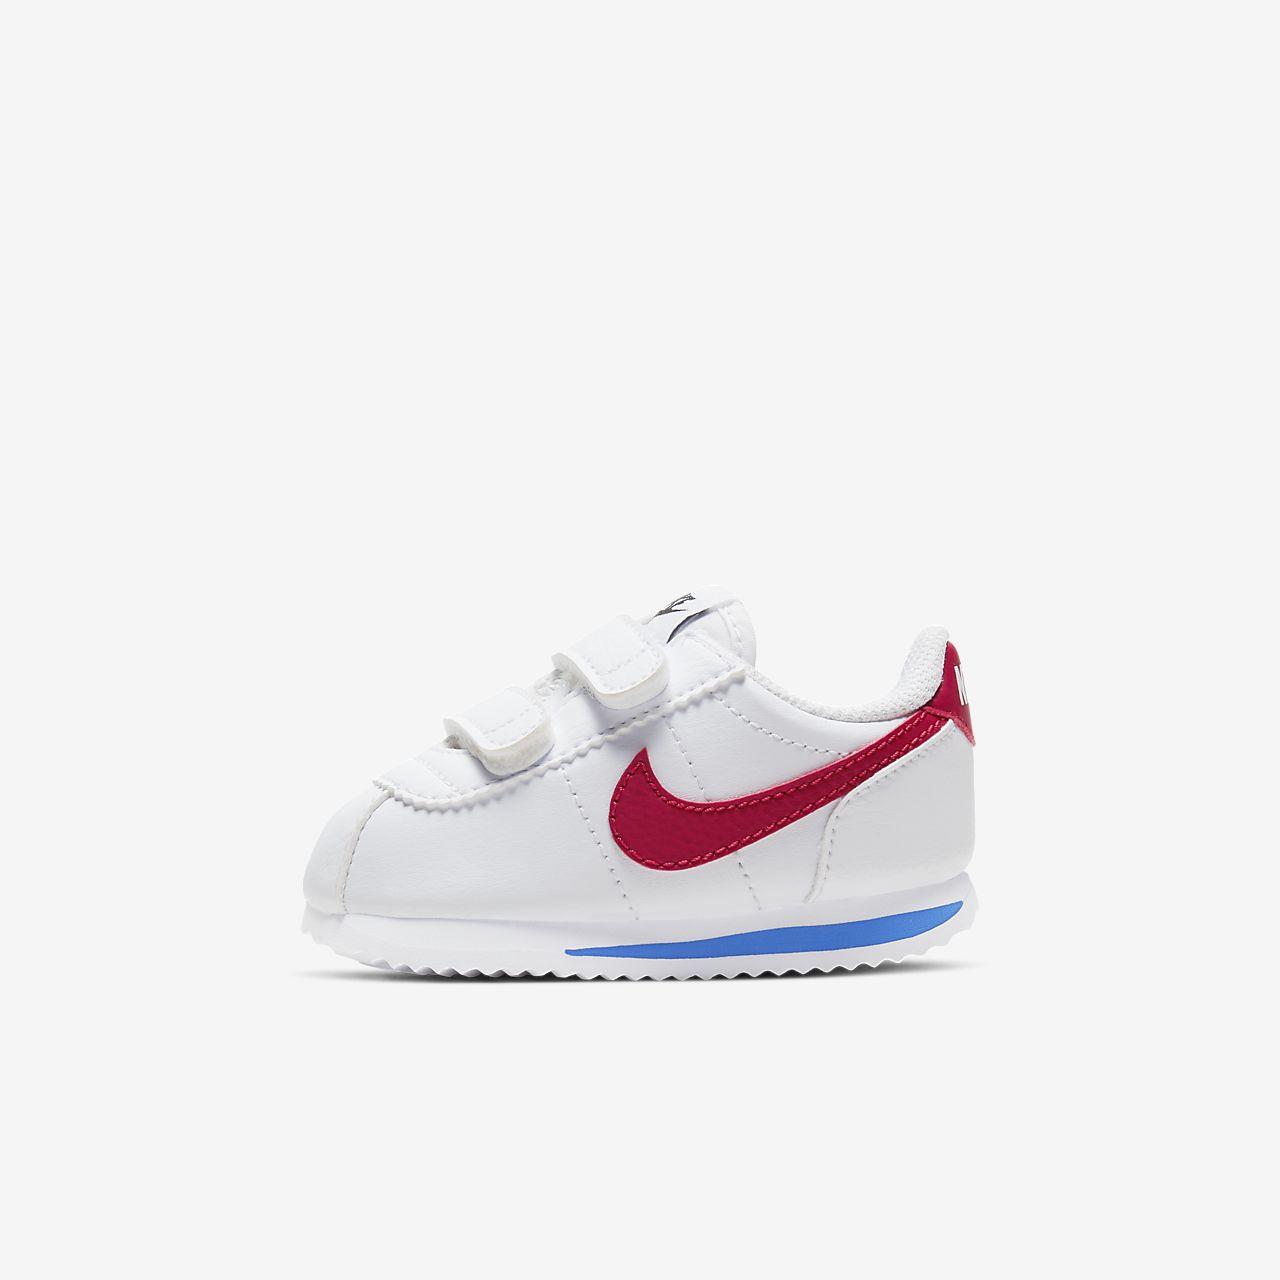 Blanc Chaussures Nike Cortez À 47,5 Pour Les Hommes